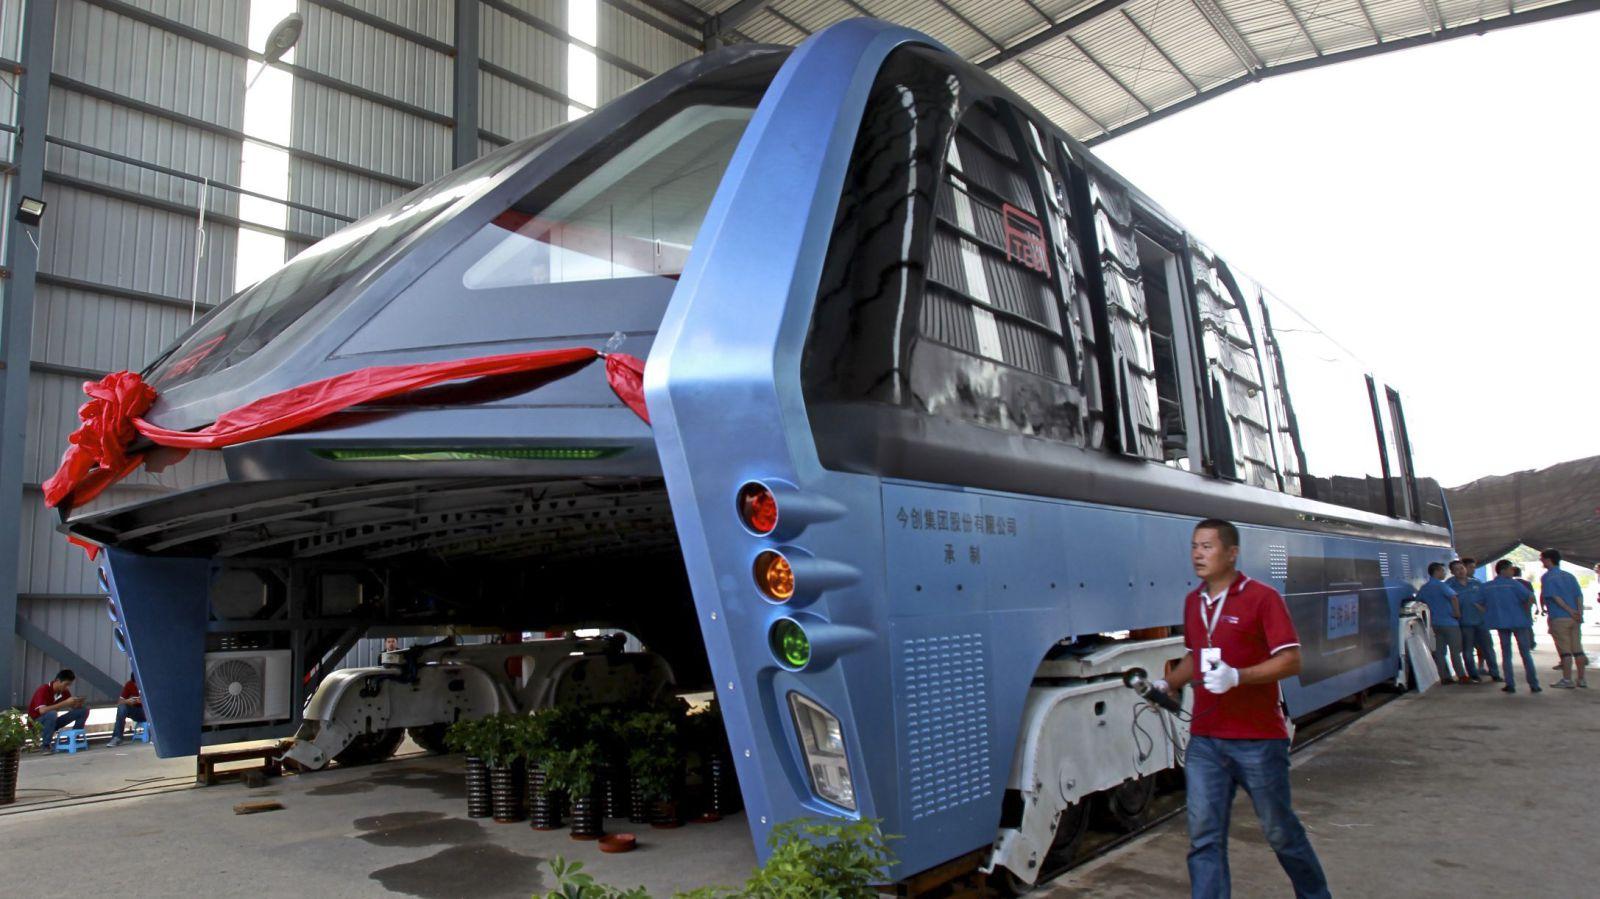 Проект двухэтажного рельсового автобуса из Китая оказался крупной финансовой аферой - 1